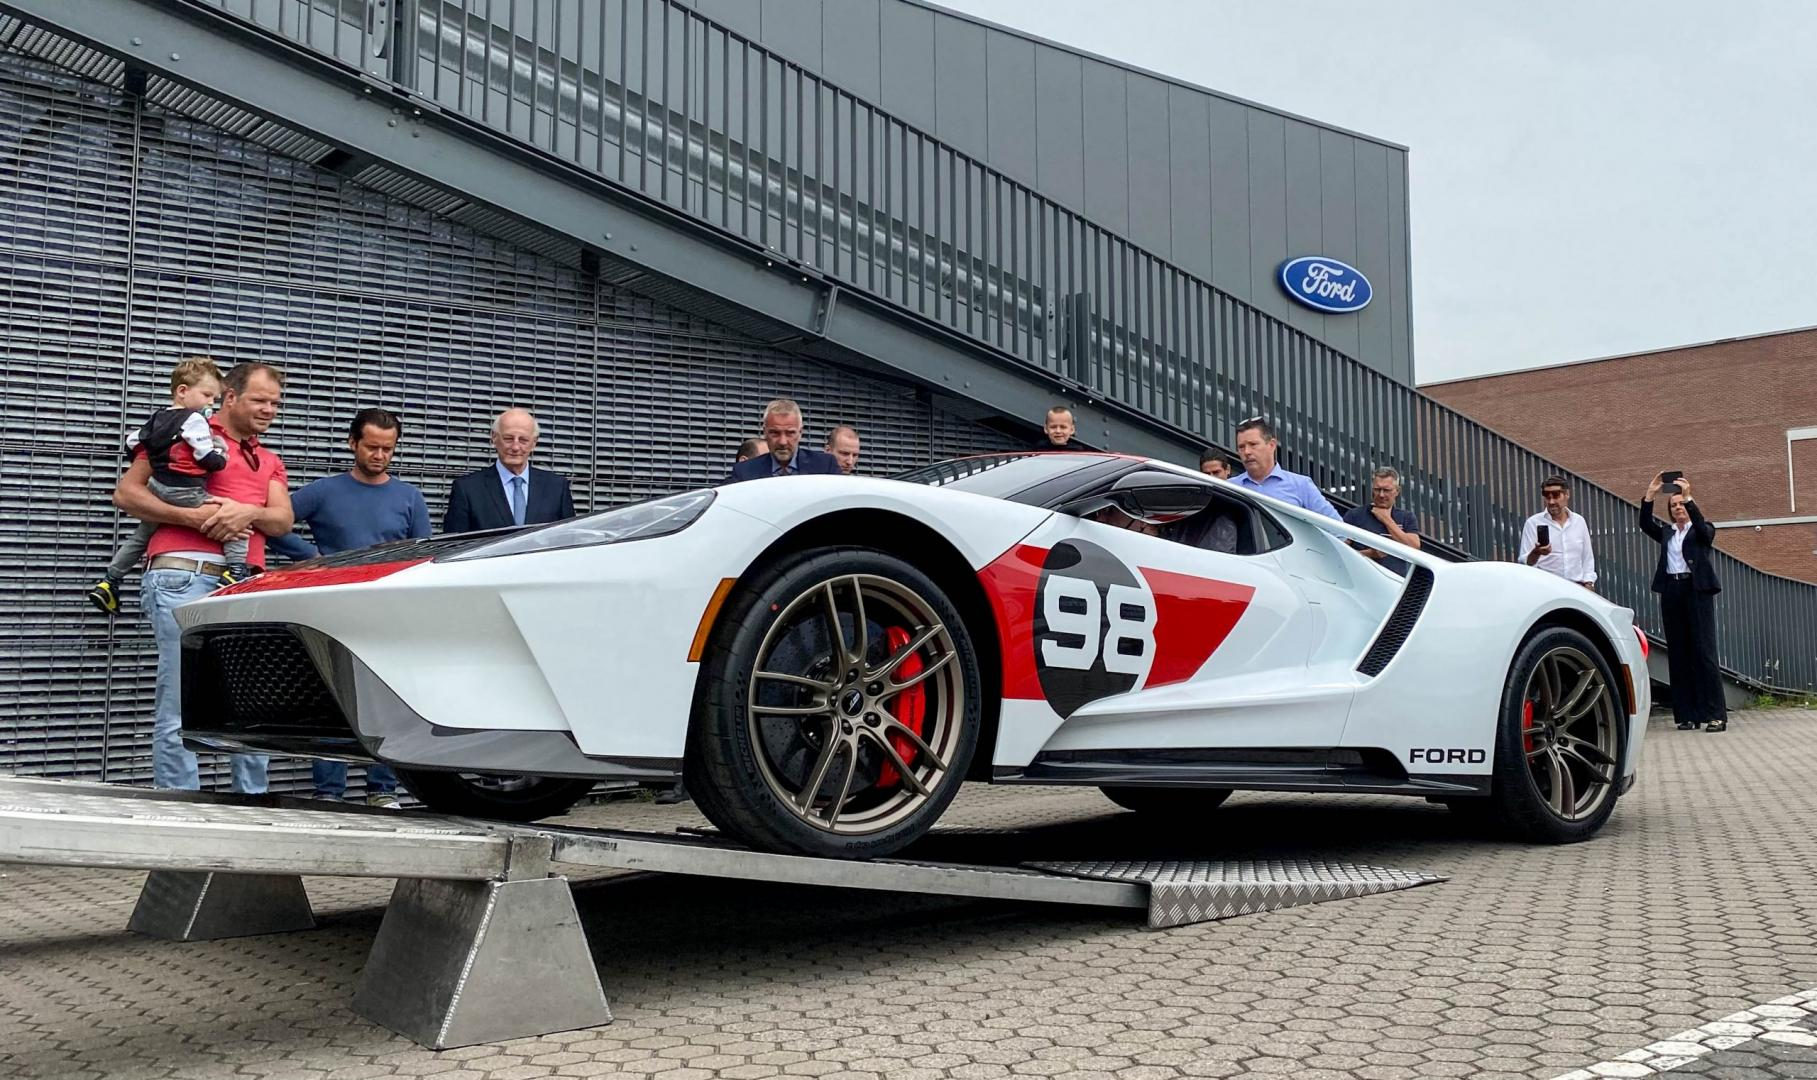 90-jarige Nederlander koopt Ford GT